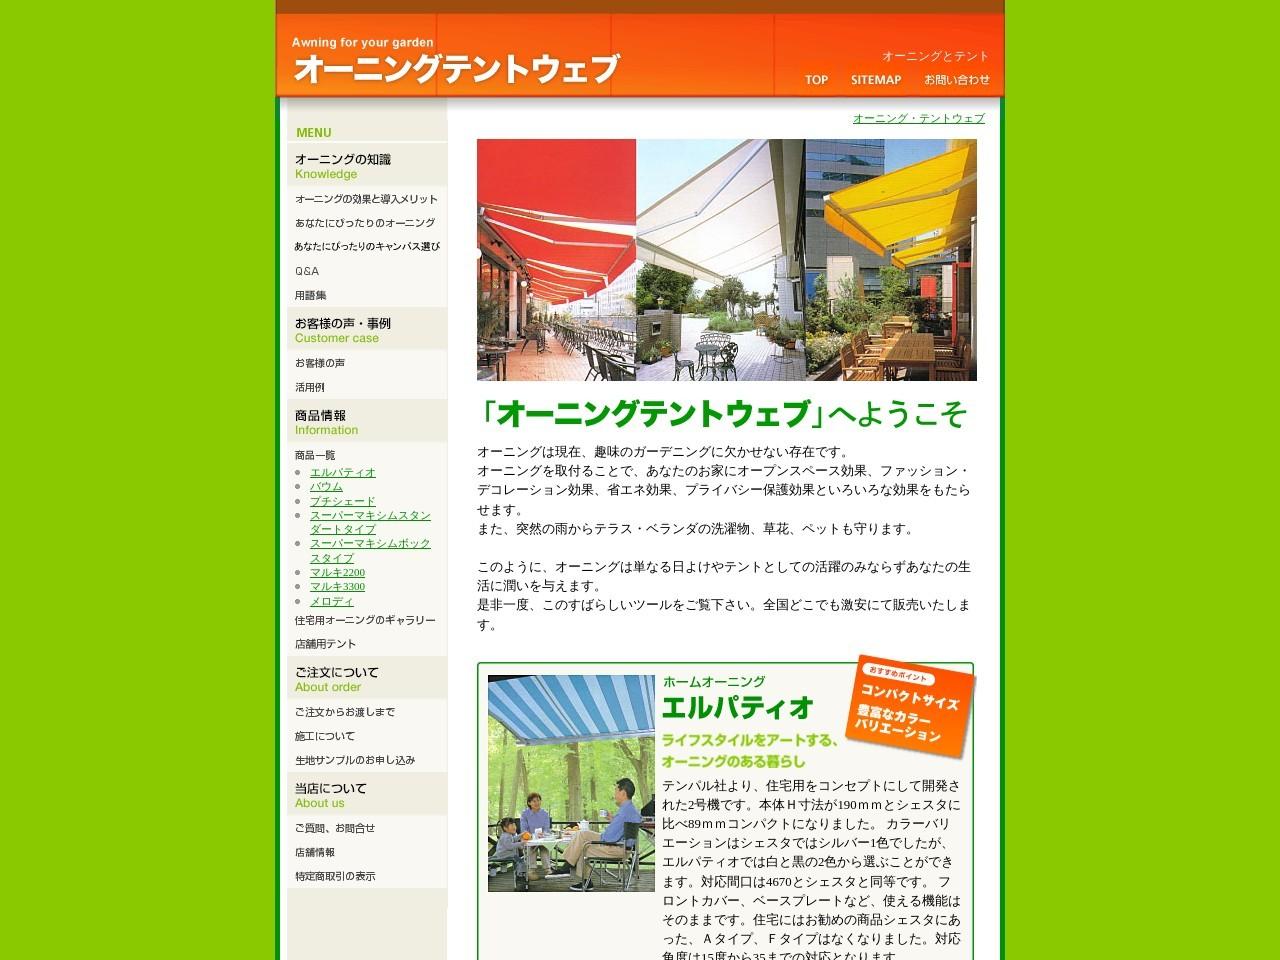 株式会社北村テント商会